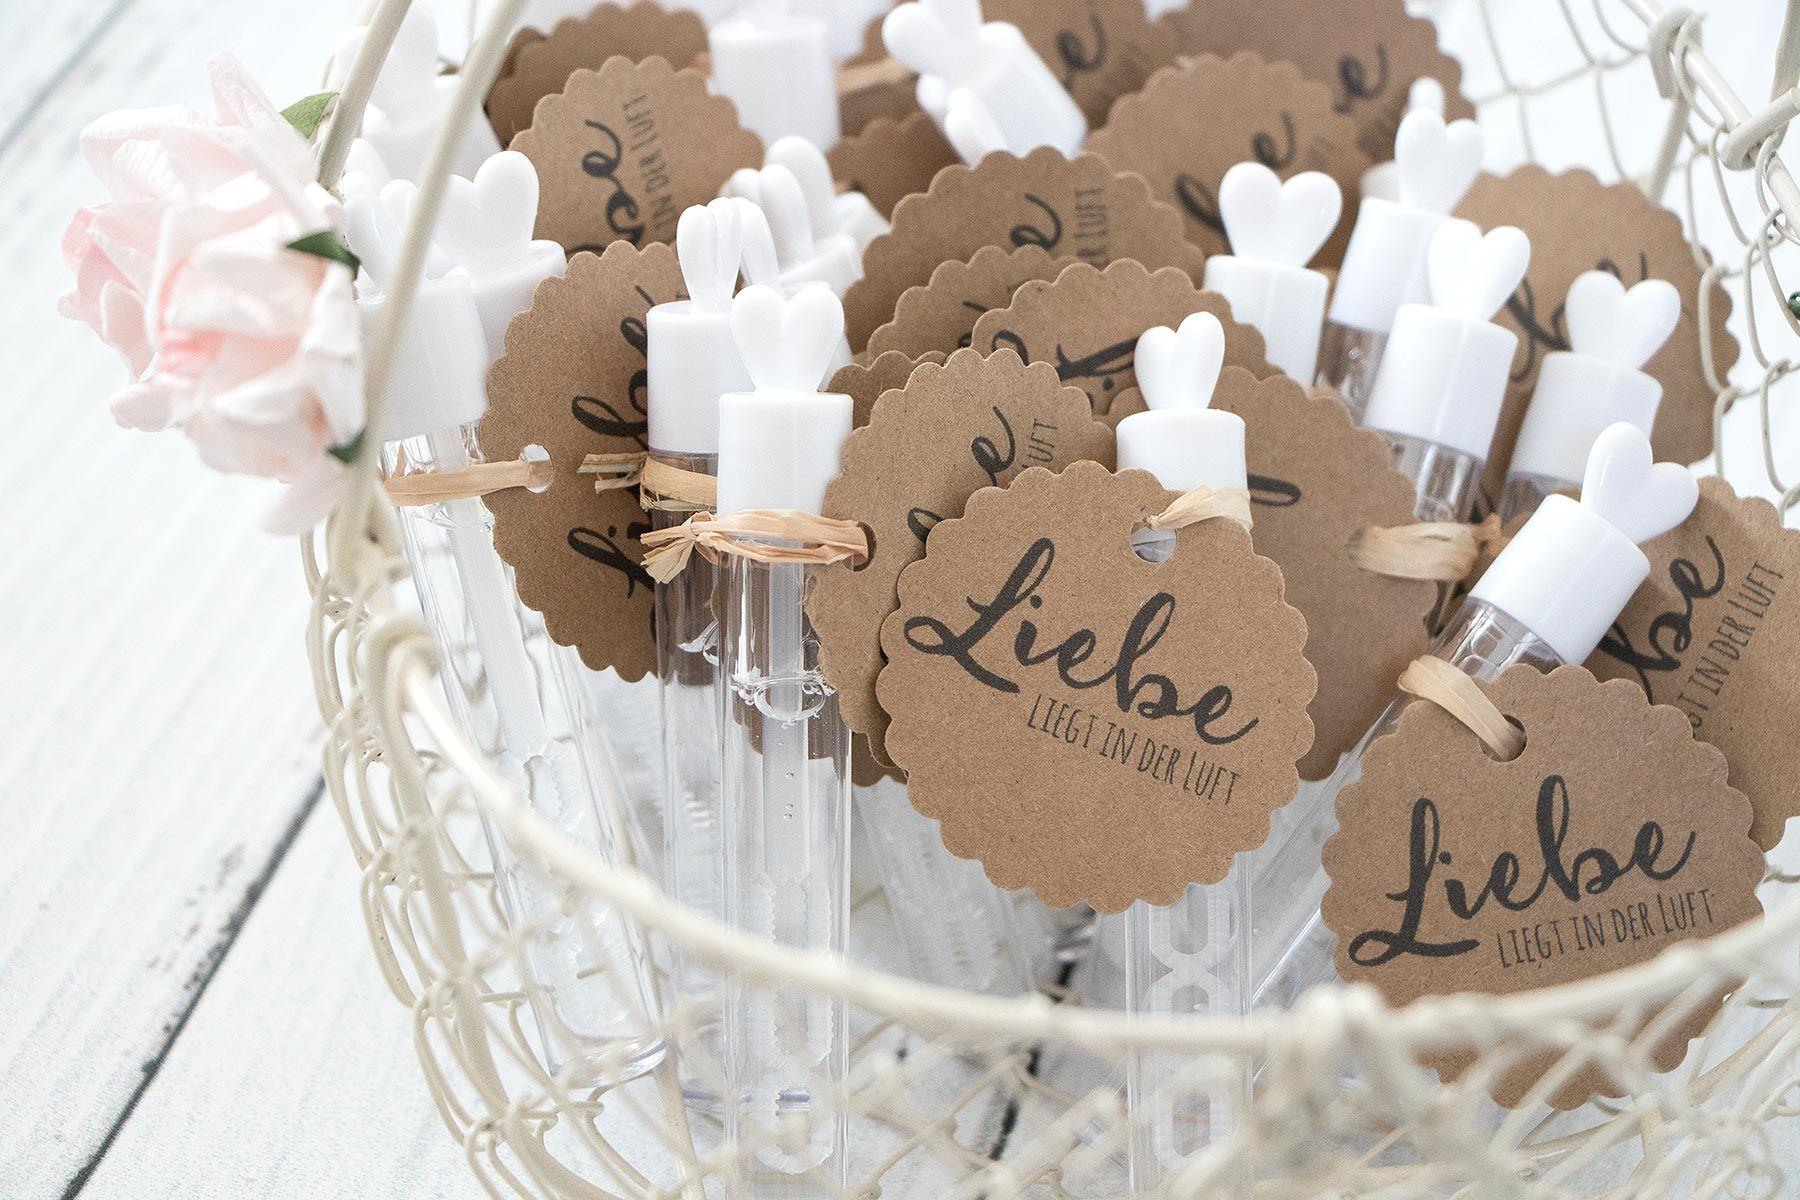 Anhanger Fur Wedding Bubbles Seifenblasen Zur Hochzeit Als Freebie Zum Download Seifenblasen Hochzeit Hochzeit Aktivitaten Wunderkerzen Hochzeit